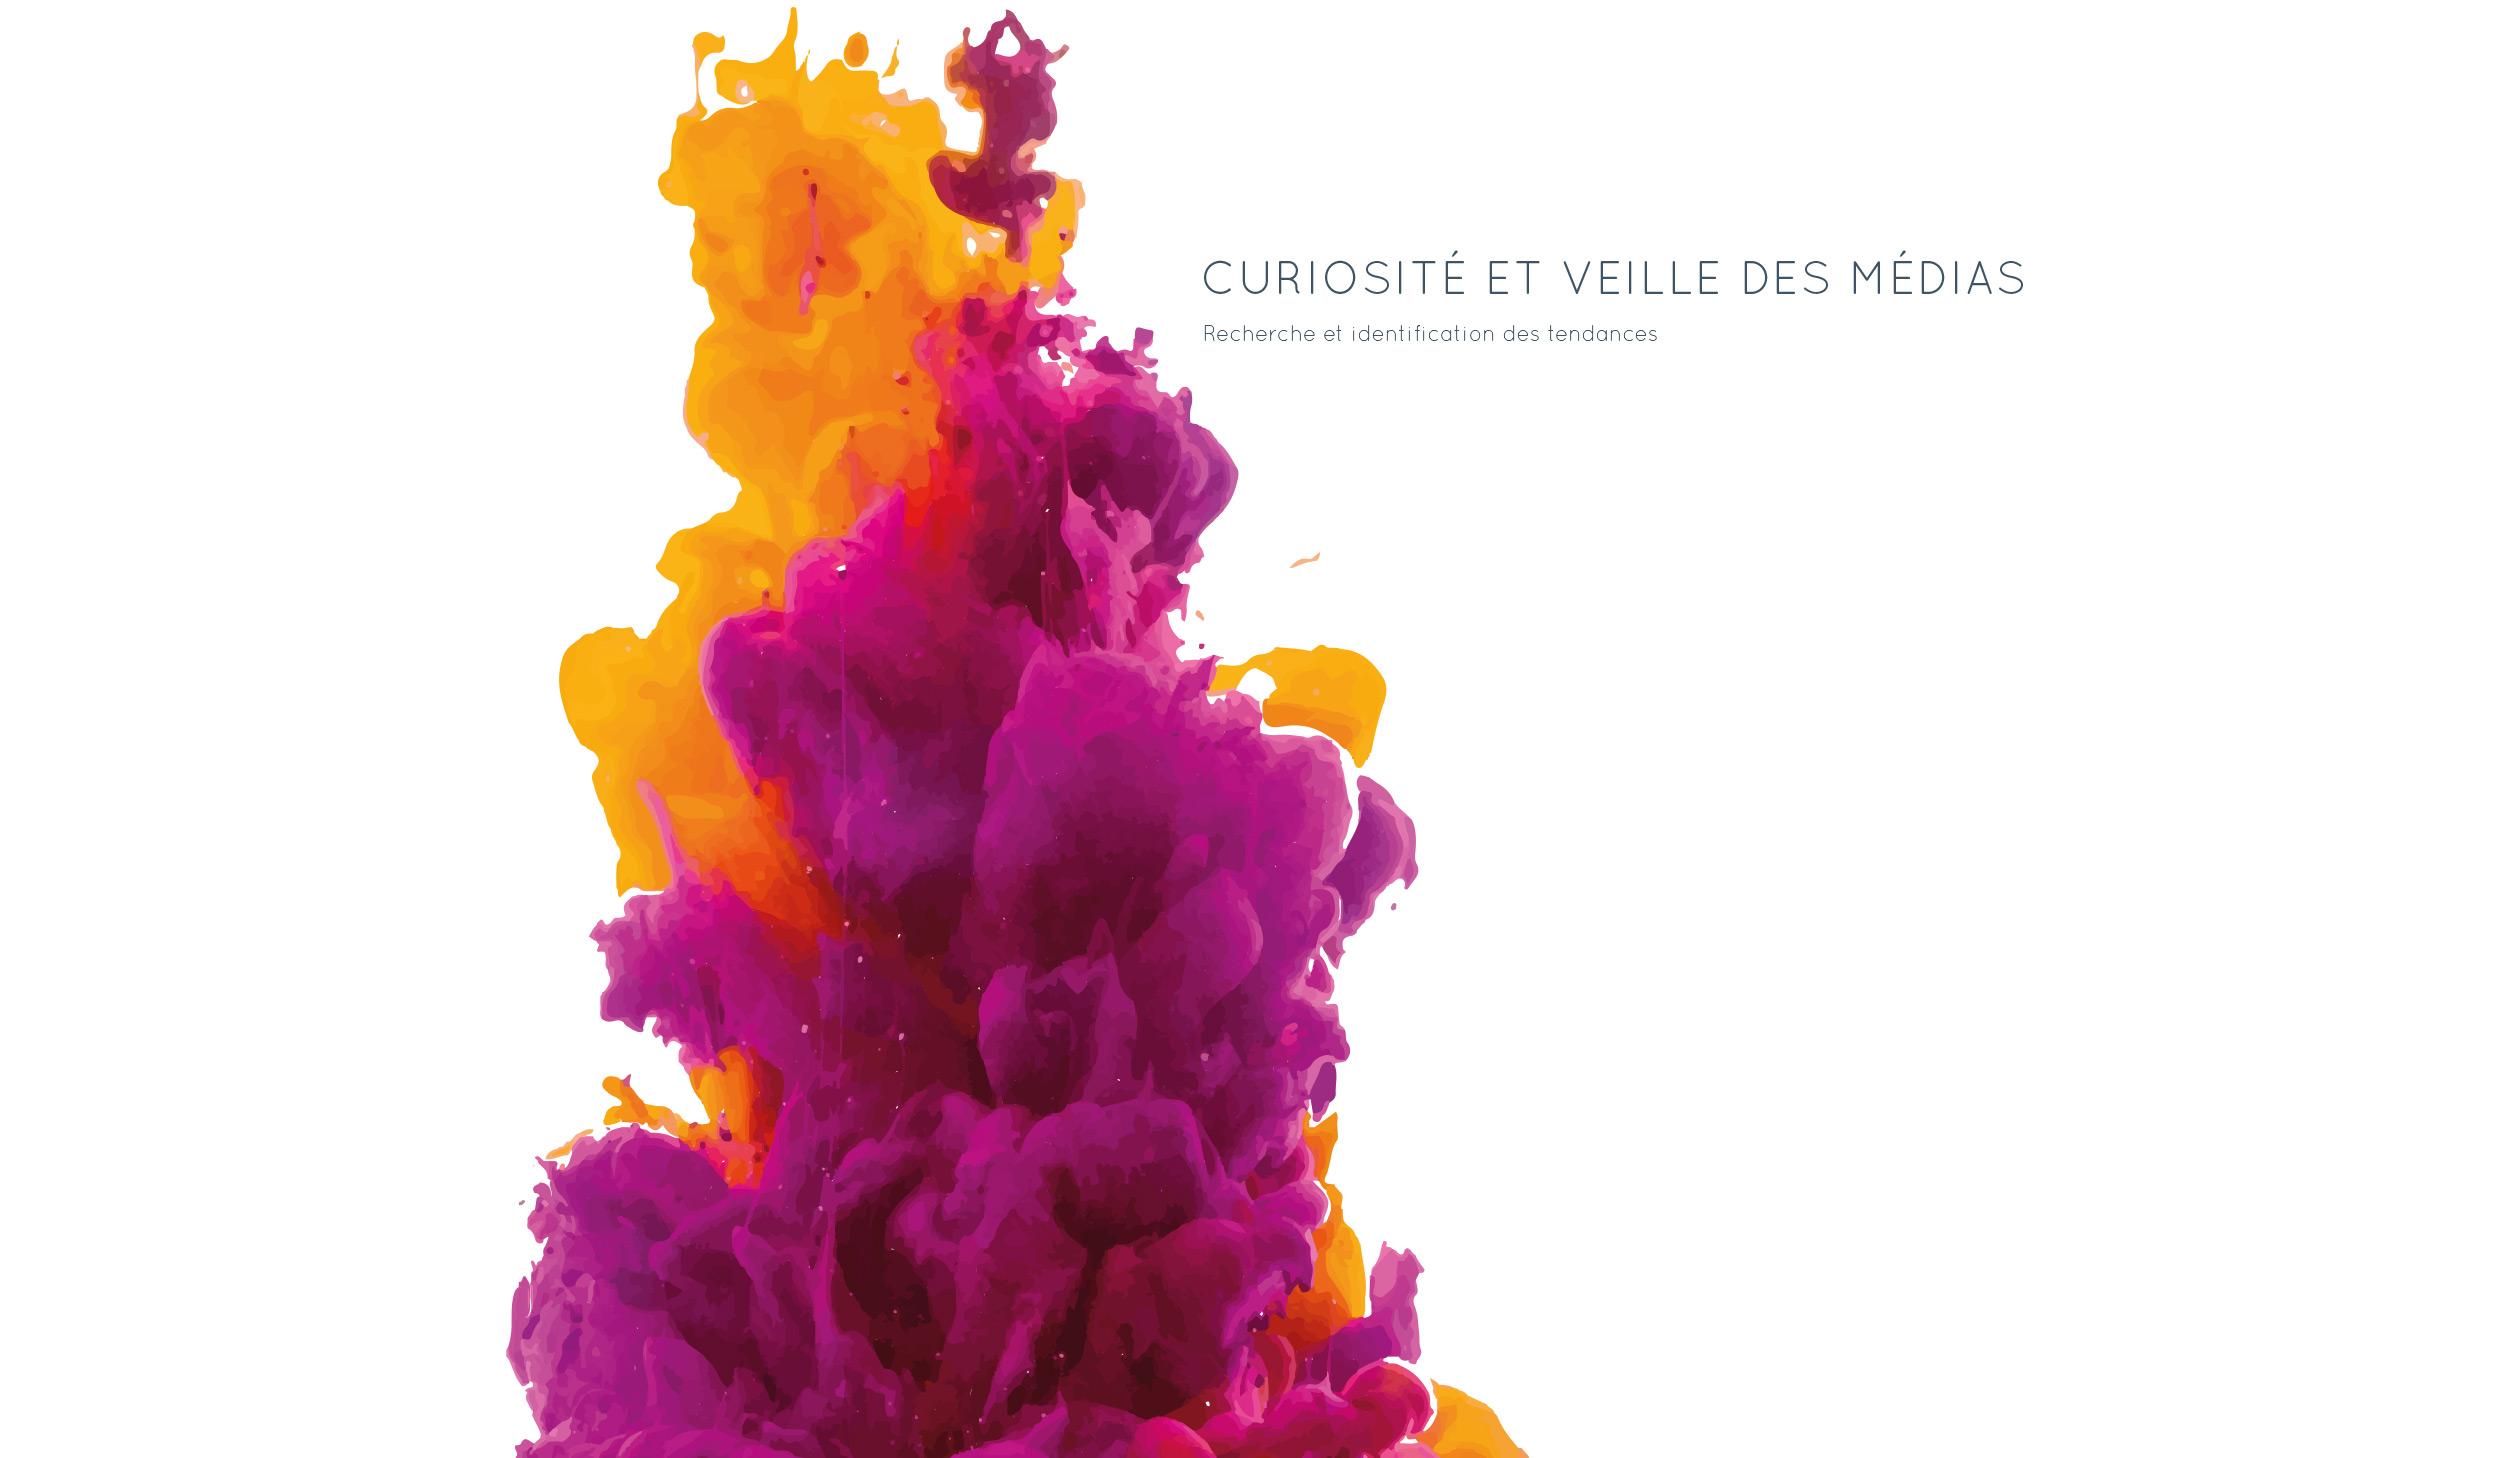 CURIOSITE-2